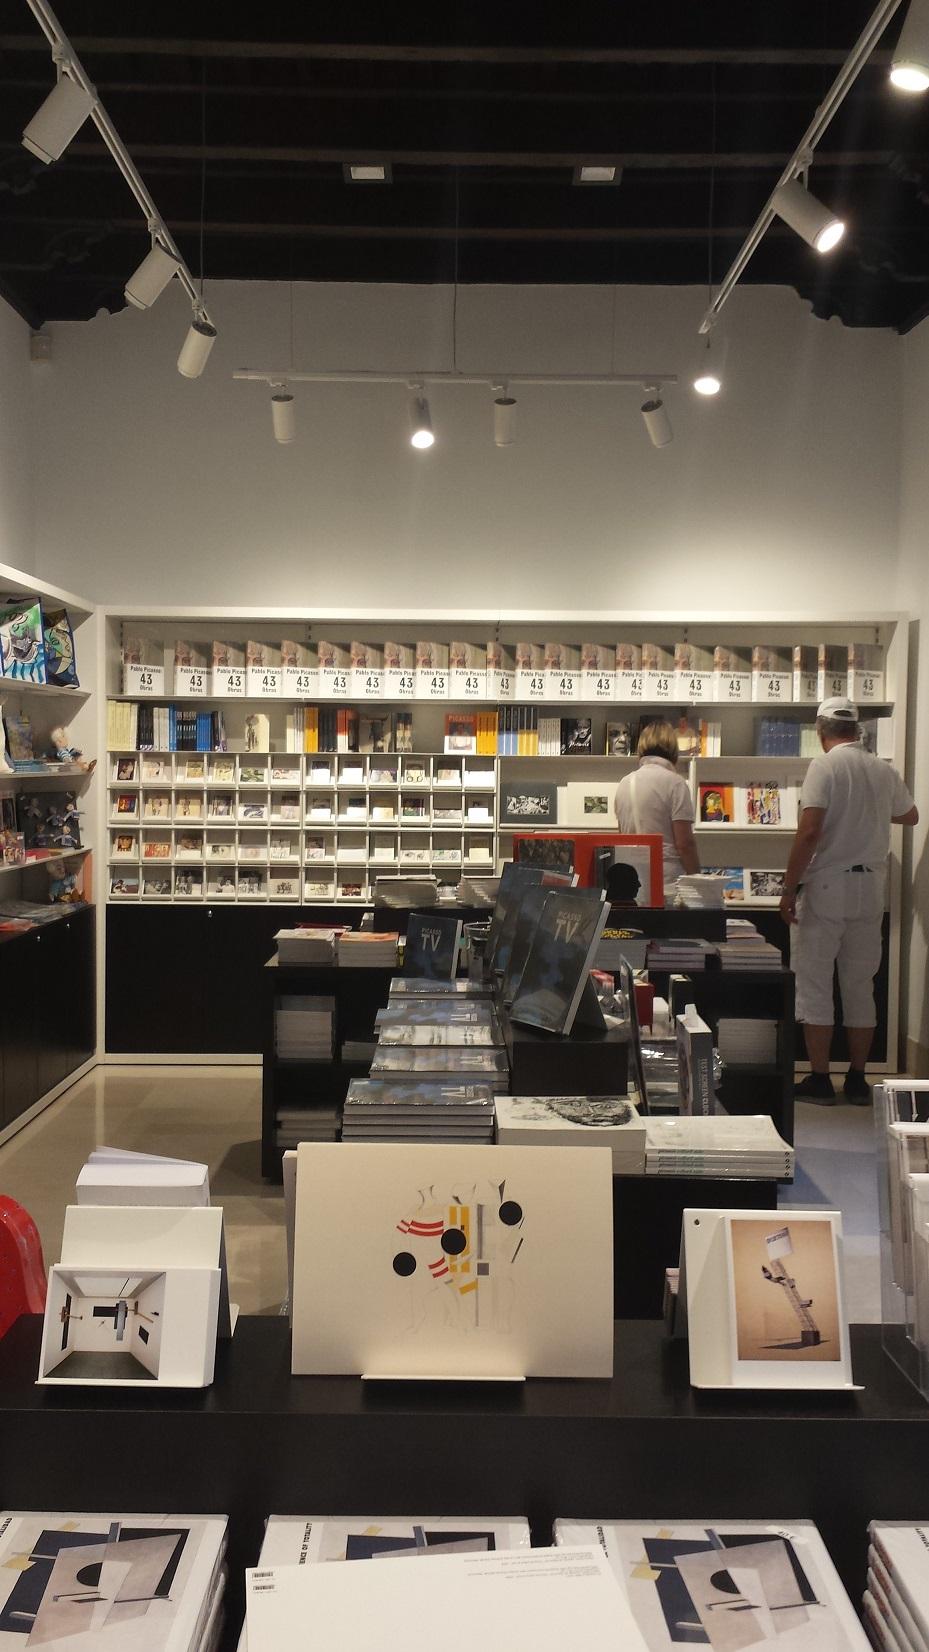 Proyectos de oficina en Sevilla: Diseño y decoración interior de tiendas